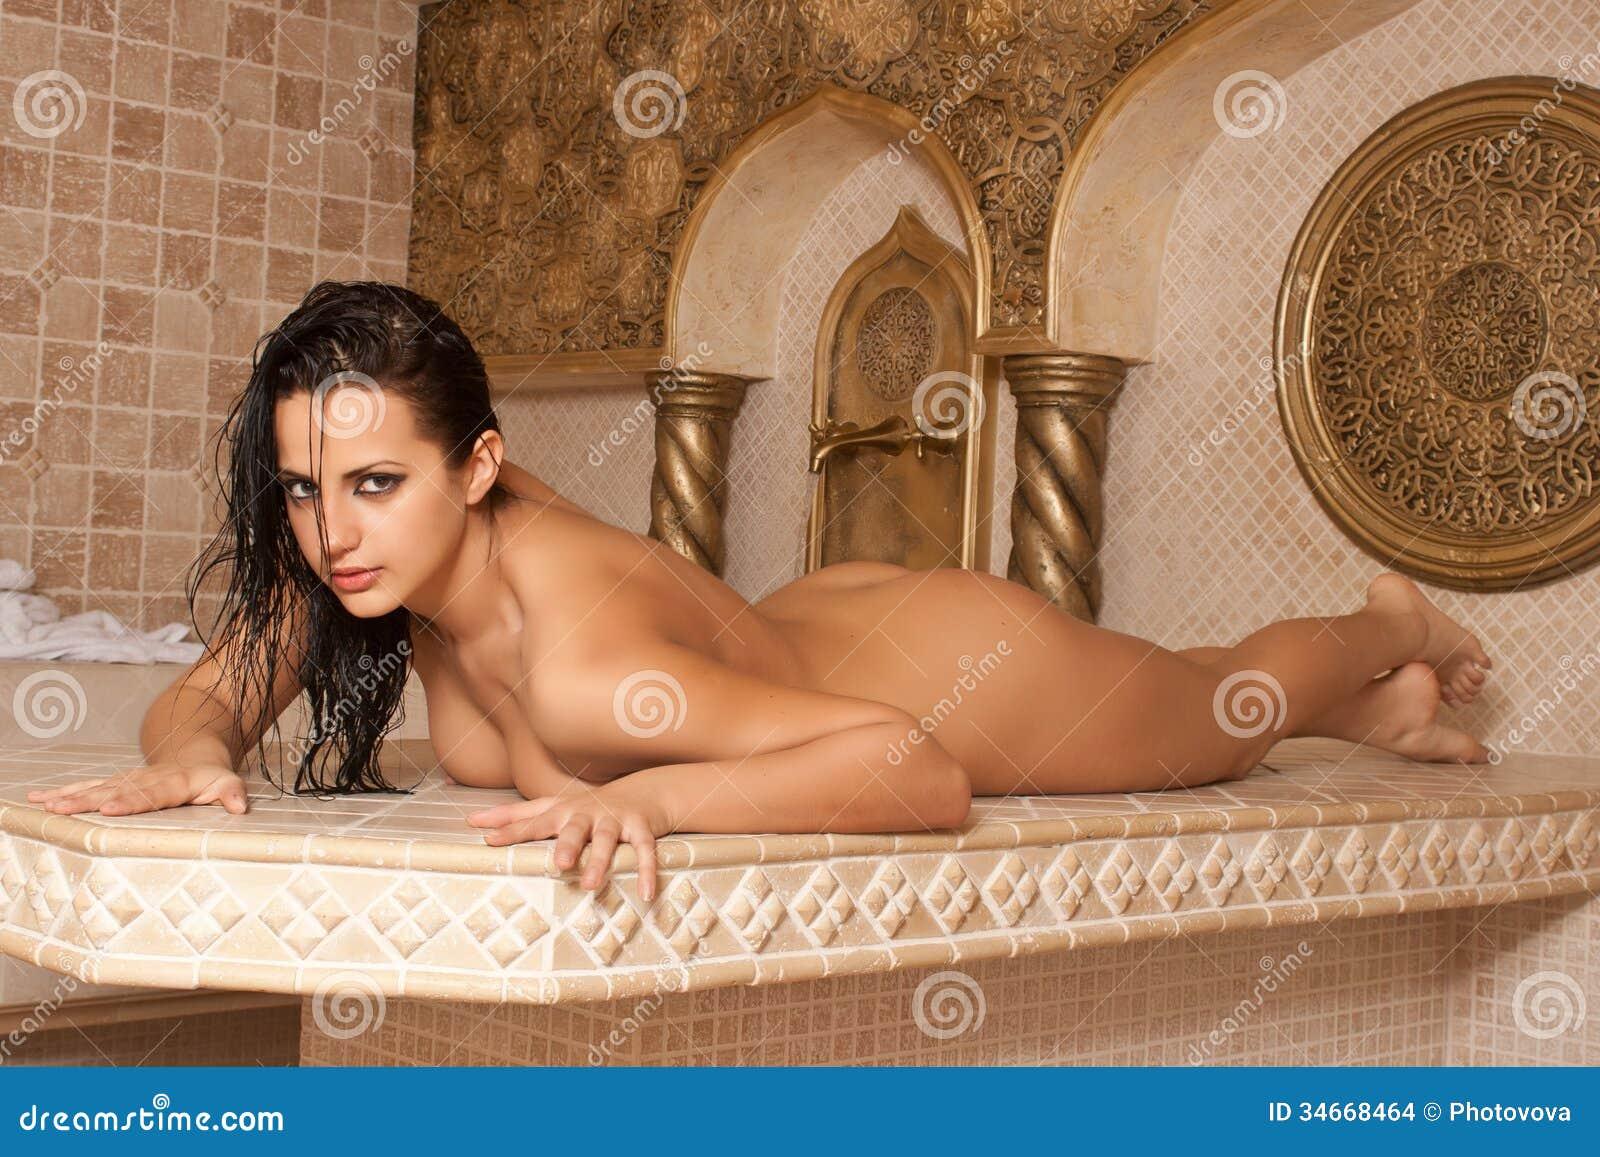 Turkish Nude Women Thumbs 92